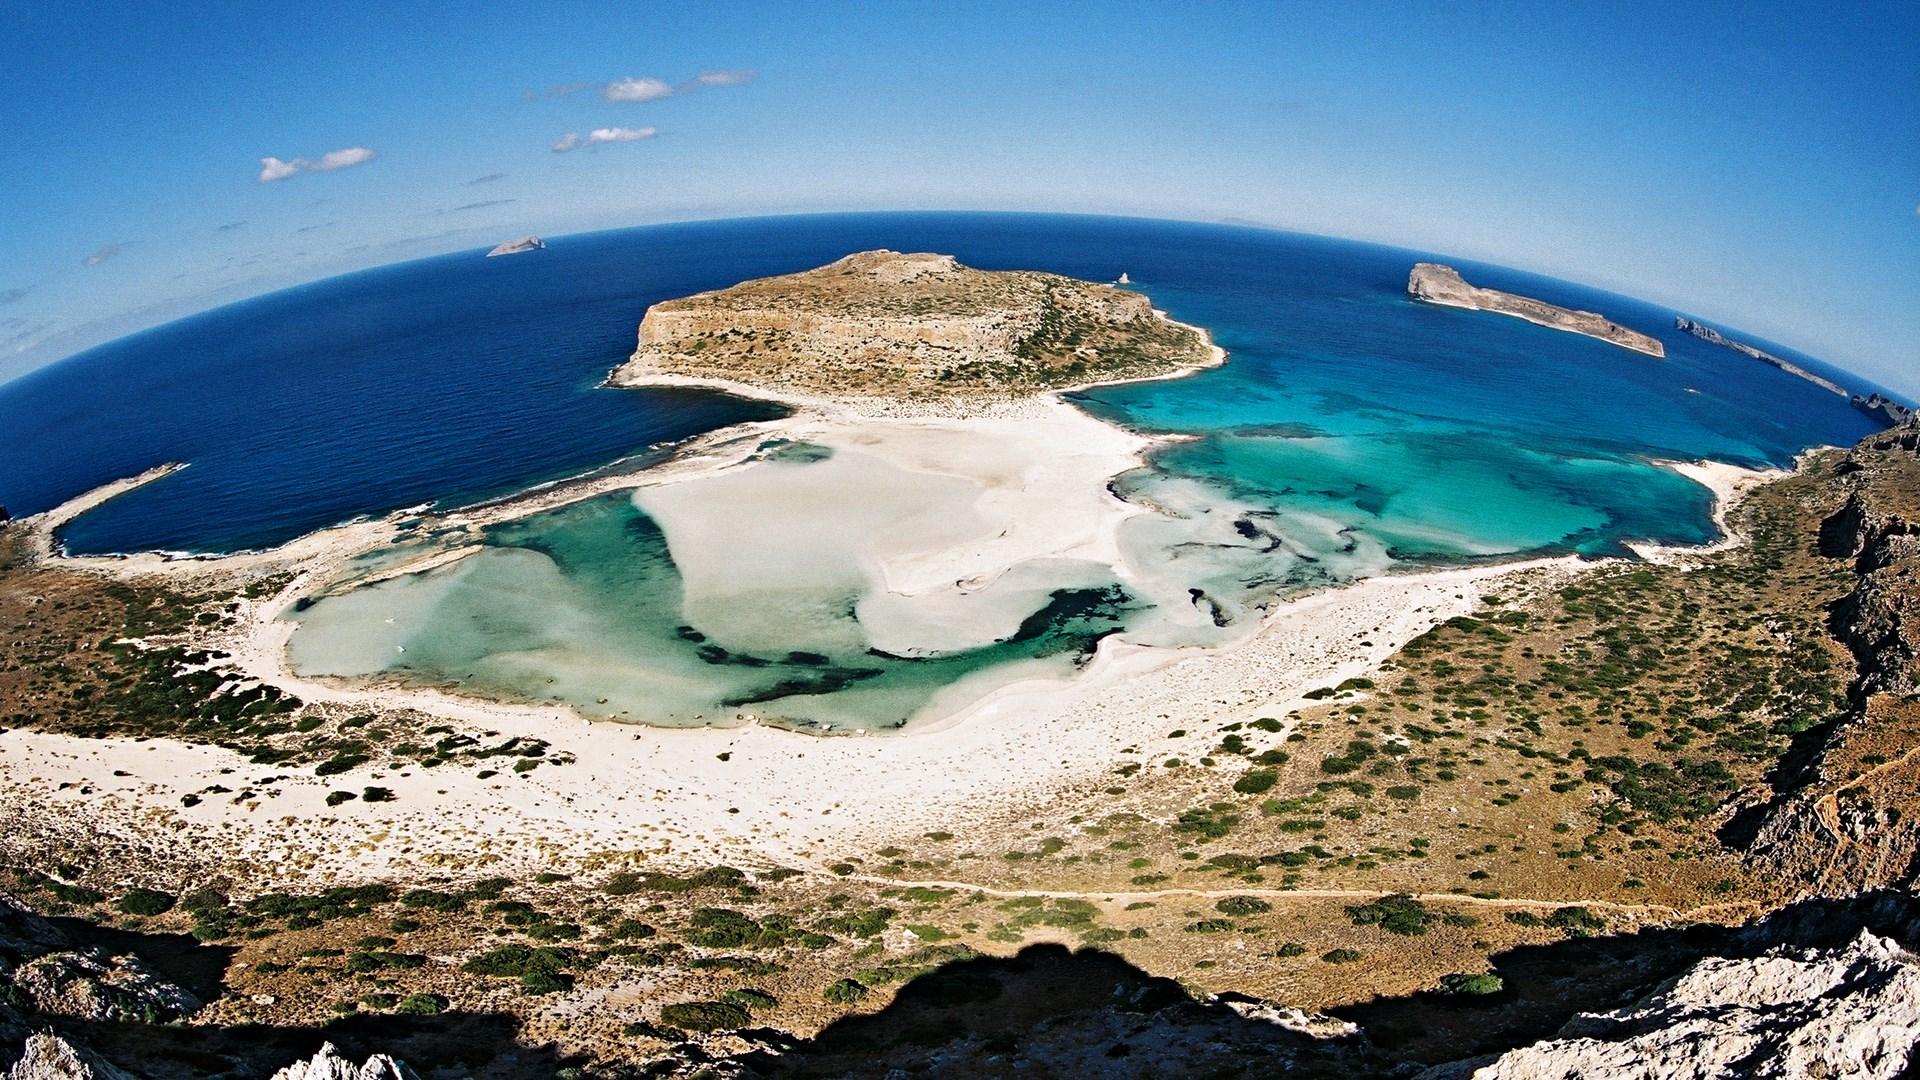 Κρήτη: Πήρε ΦΕΚ το πρώτο αναθεωρημένο Περιφερειακό Χωροταξικό Πλαίσιο στη χώρα